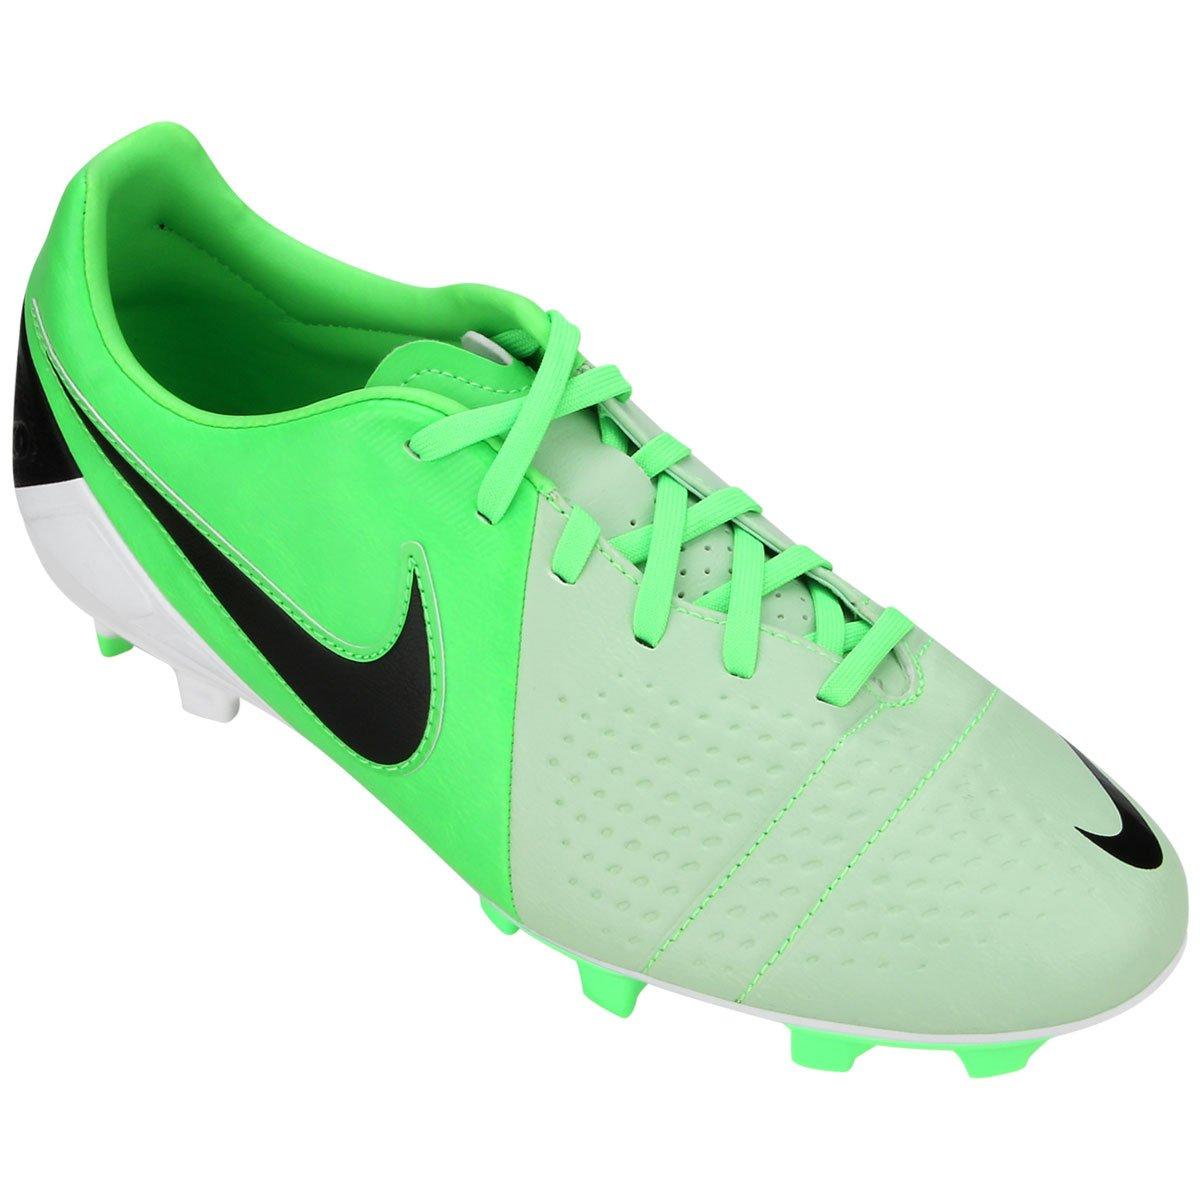 Chuteira Nike CTR360 Libretto 3 FG - Compre Agora  0fdbe7ab7f529